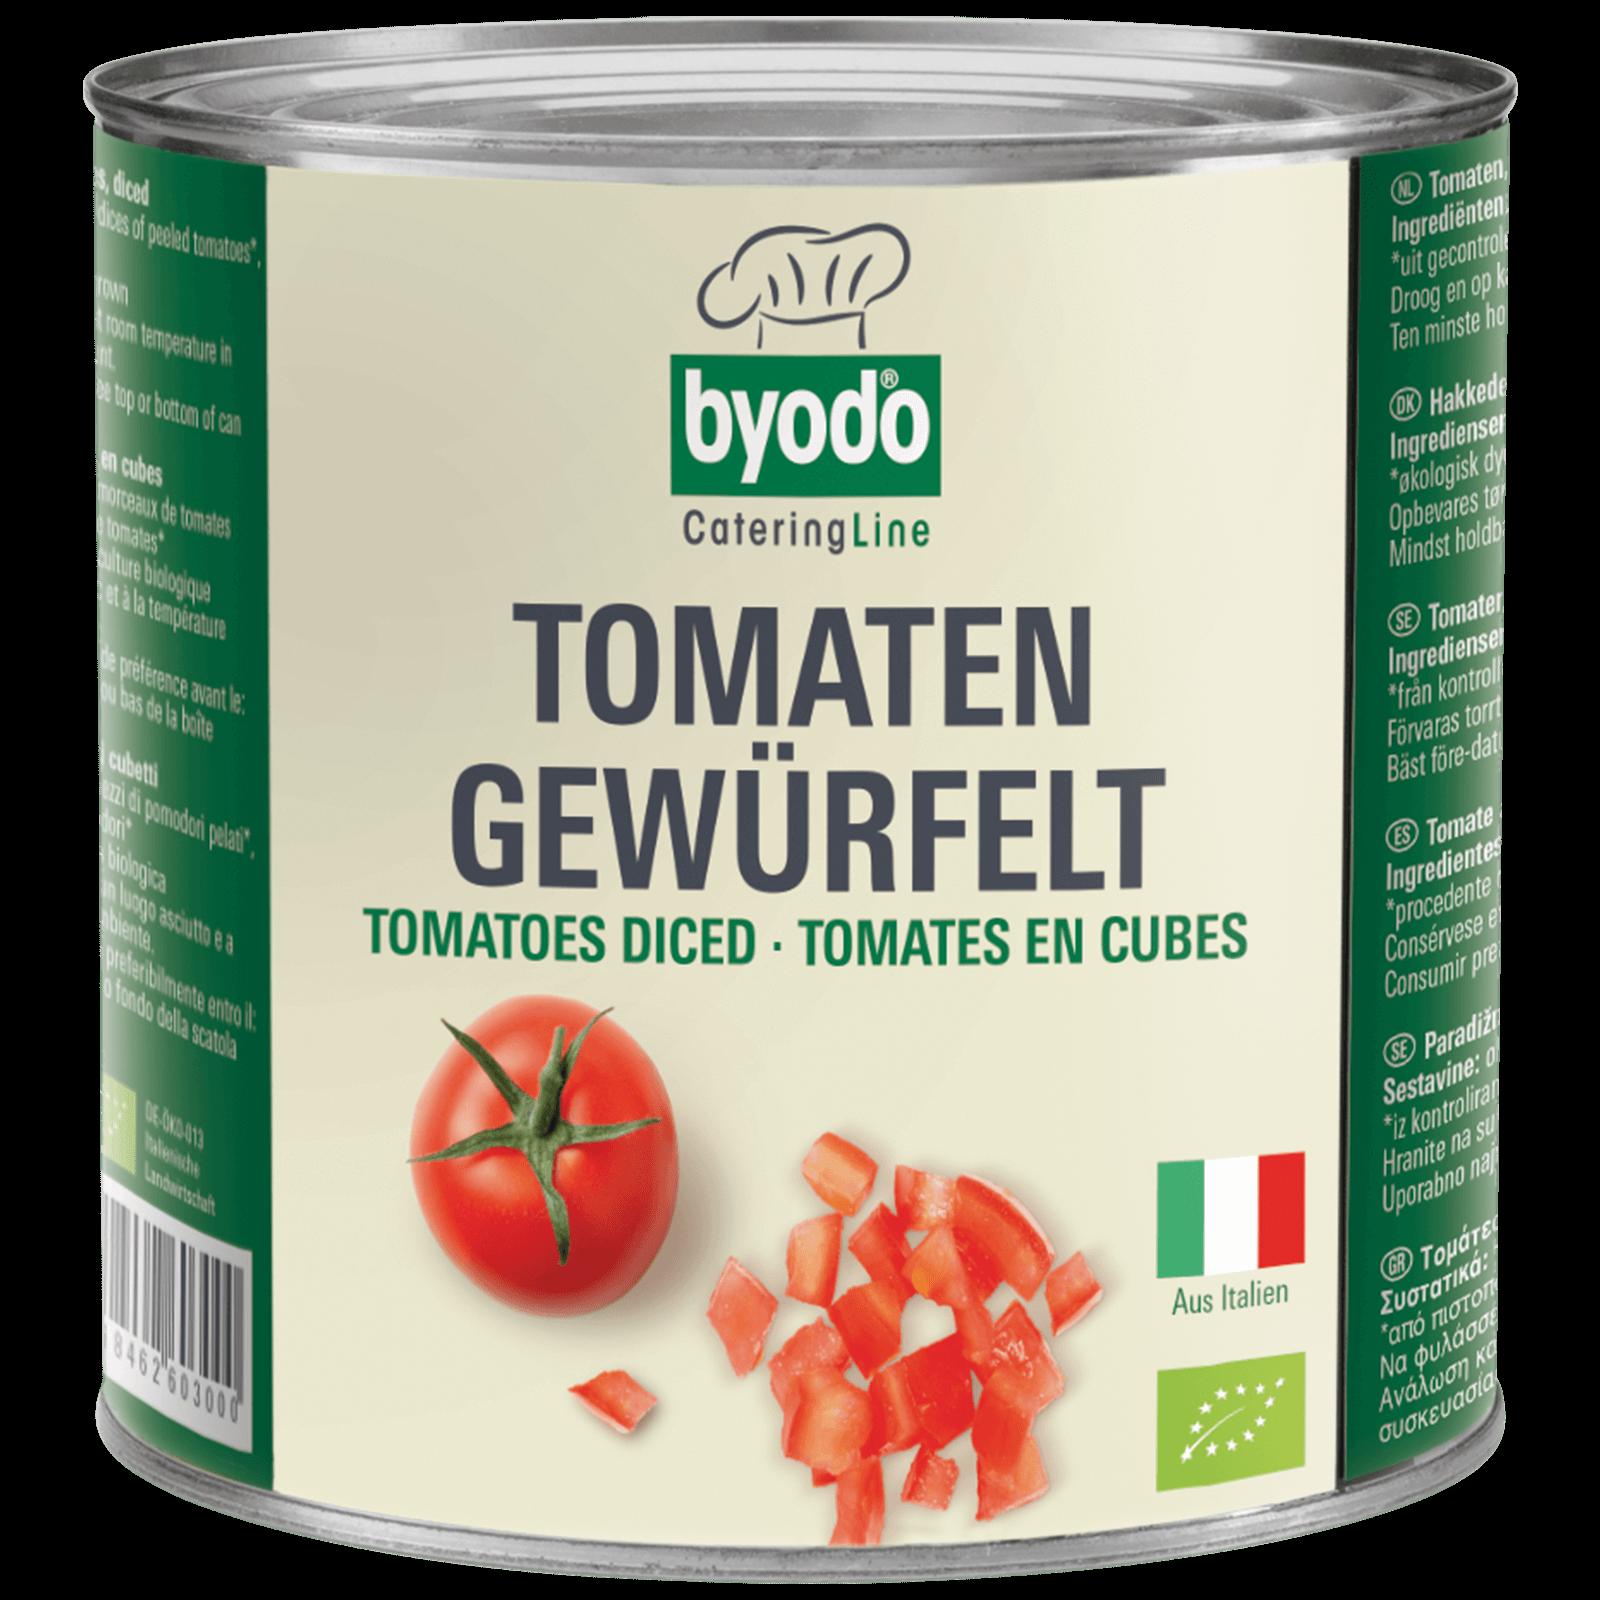 Bio-Tomaten gewuerfelt